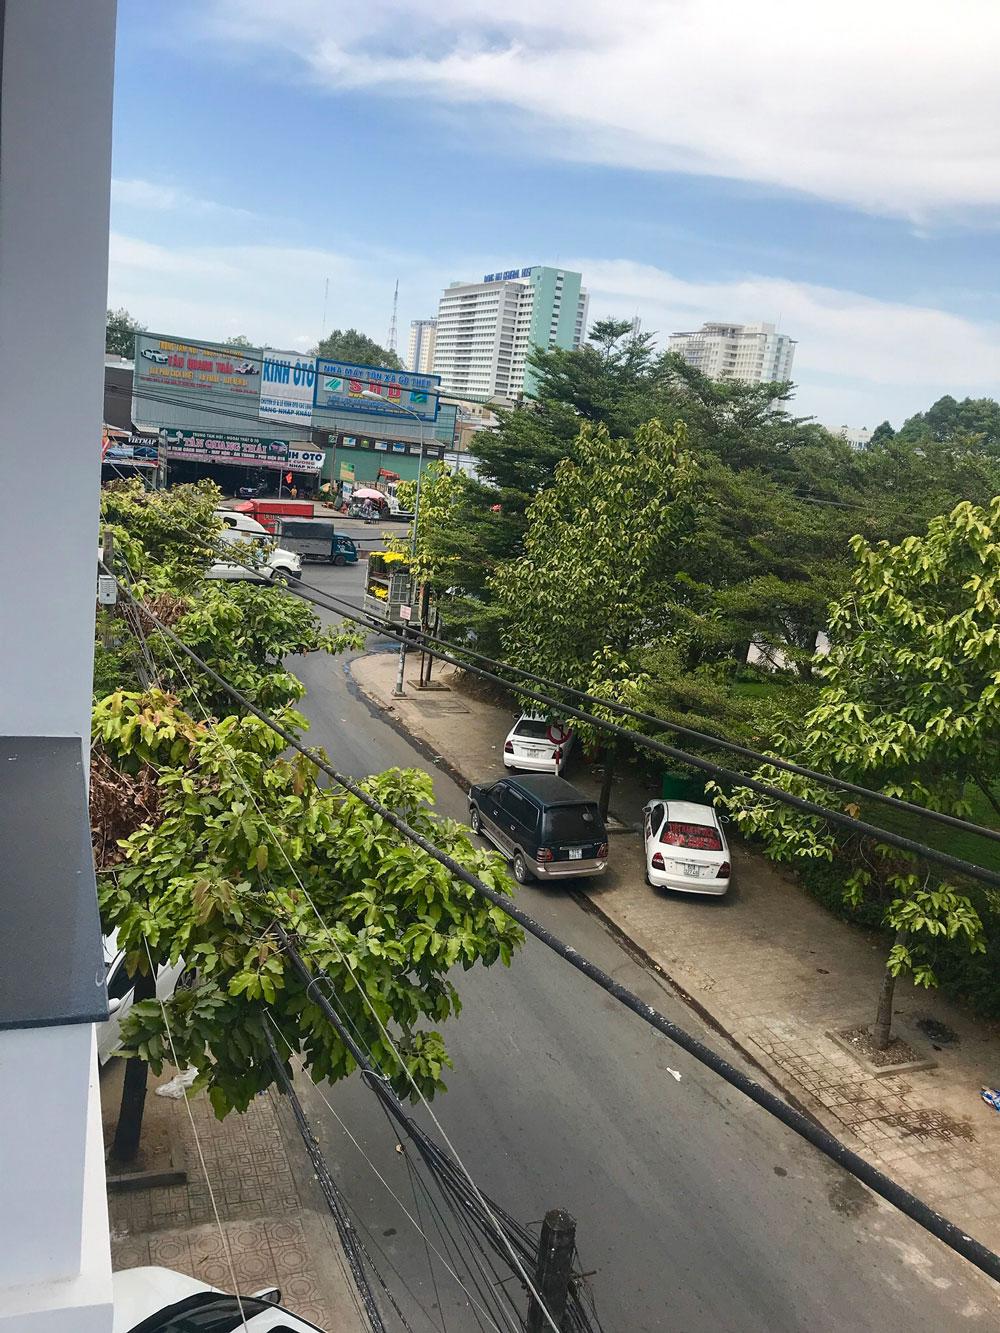 Cho thuê mặt bằng làm Văn phòng hoặc Kinh doanh, đường nhựa 8m, kế bên Lottemart Đồng Nai